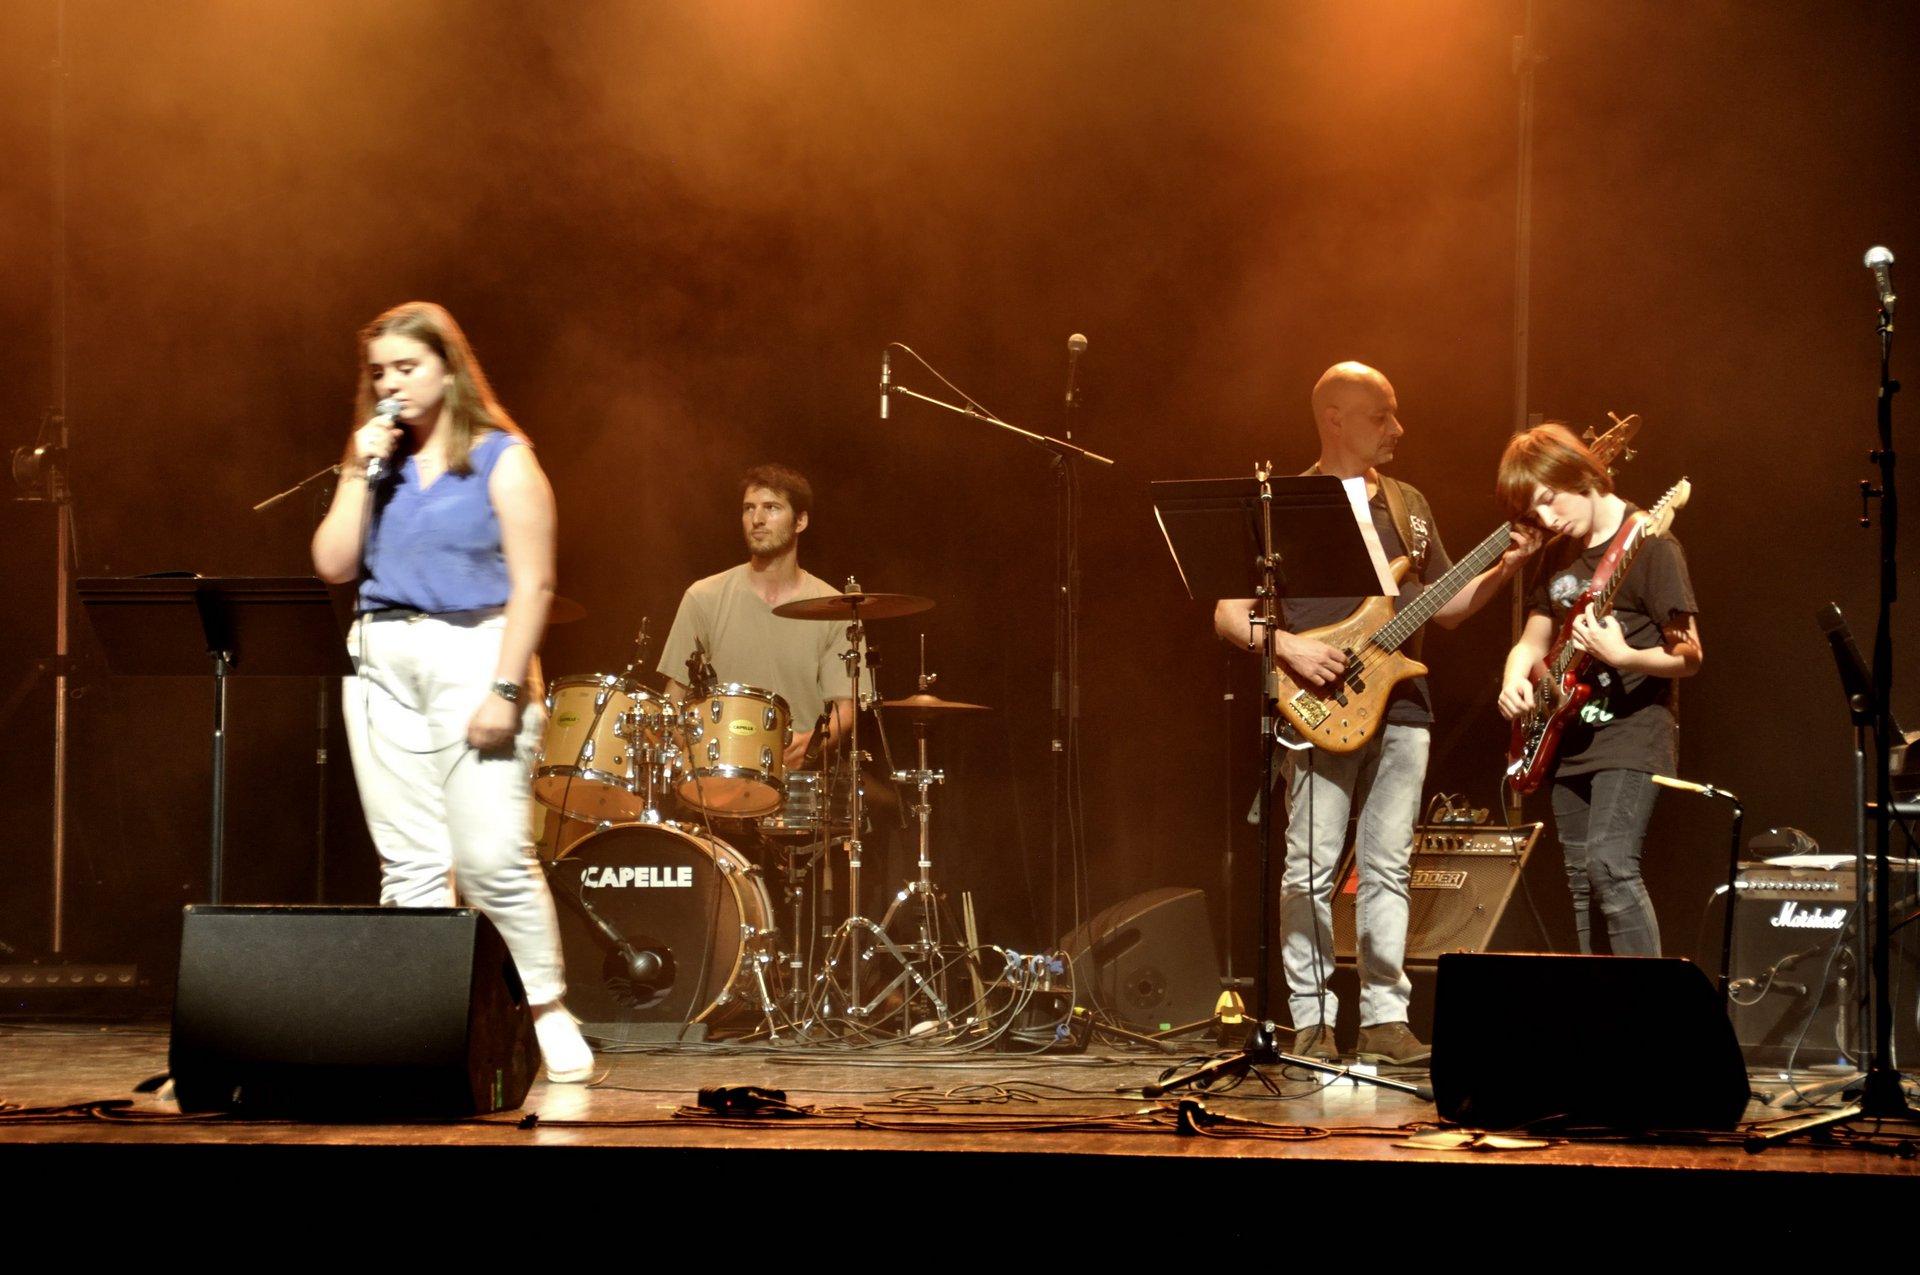 Concert Ecole musique_19_Michel Jusse